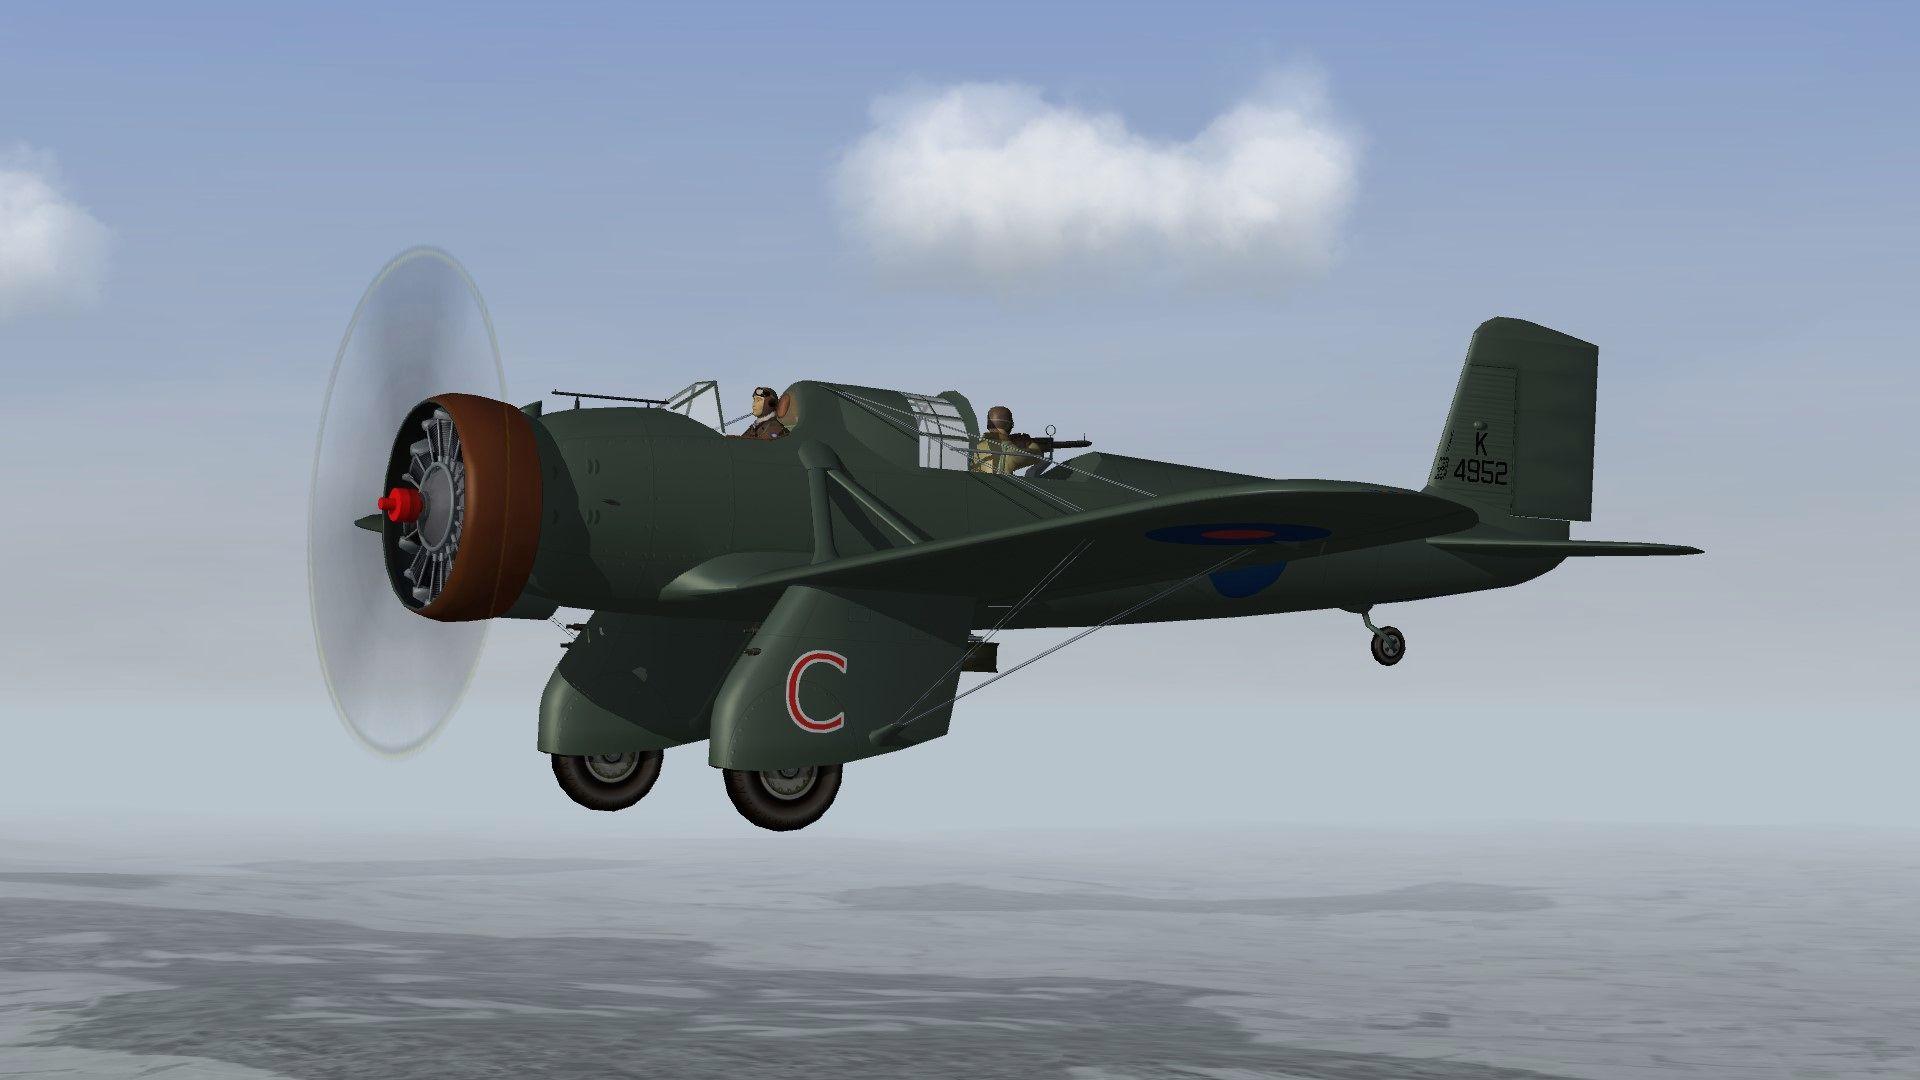 RAF%20VEDETTE%20B1.04_zps0btqjpr5.jpg